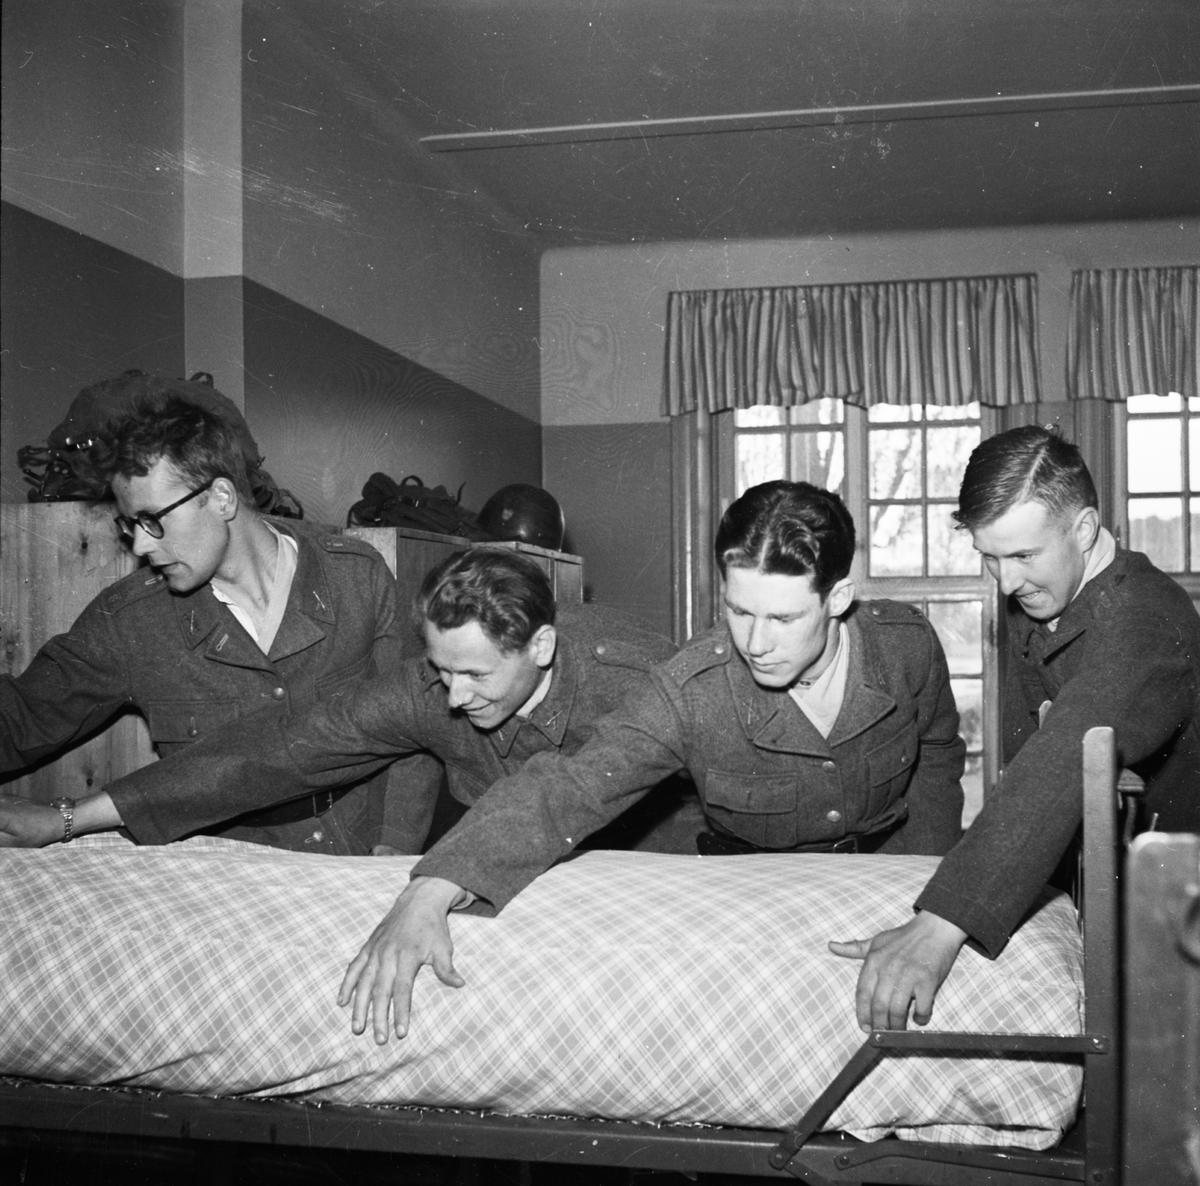 """""""Ny rekrytomgång på I8"""" - Upplands regemente, Uppsala maj 1952. Lars Bertil Bertilsson, Bert Lötstedt, Emil Stenius och Reidar Hagström bäddar säng"""